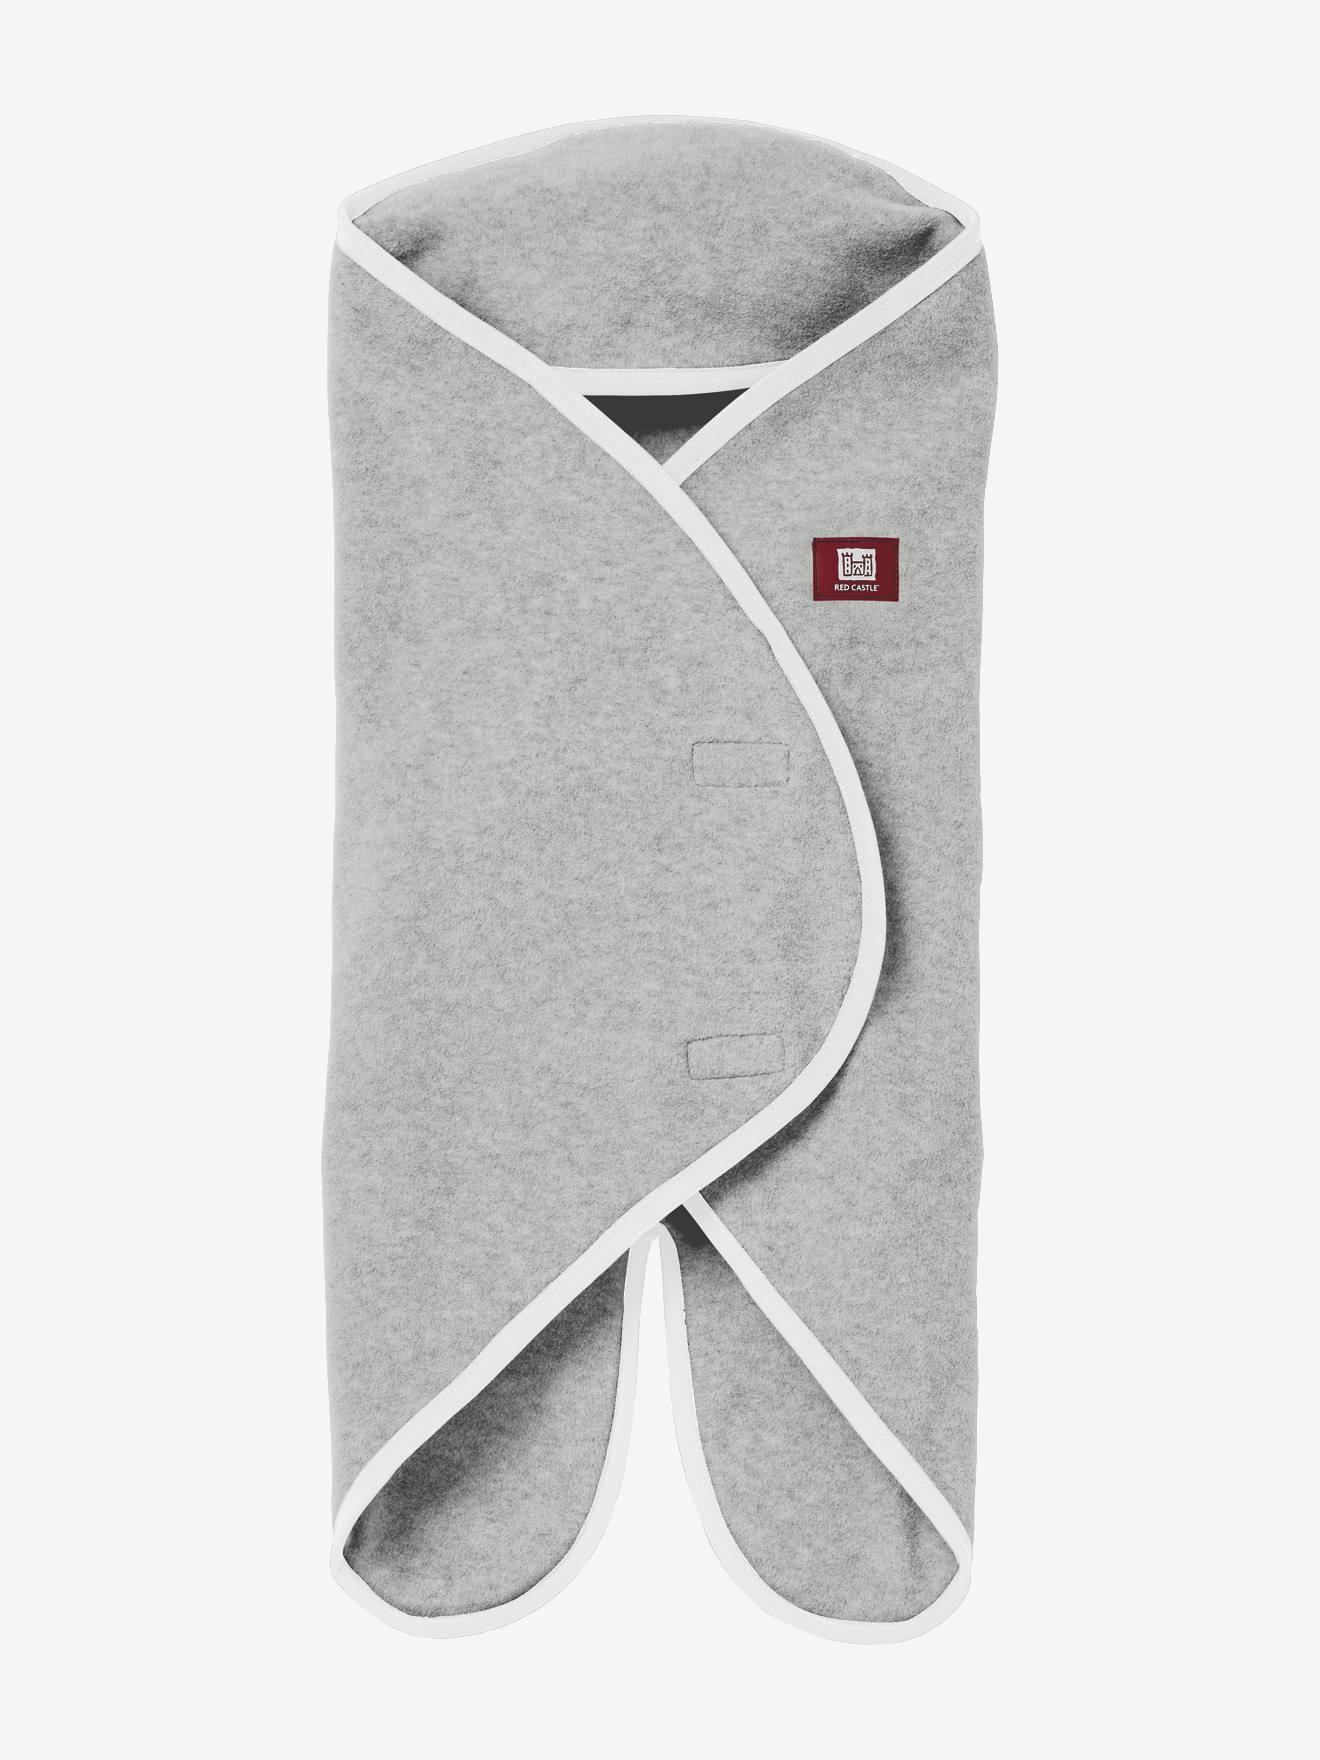 RED CASTLE Swaddle RED CASTLE Babynomade® con forro polar, 2 tallas, desde el nacimiento hasta 12 meses gris claro